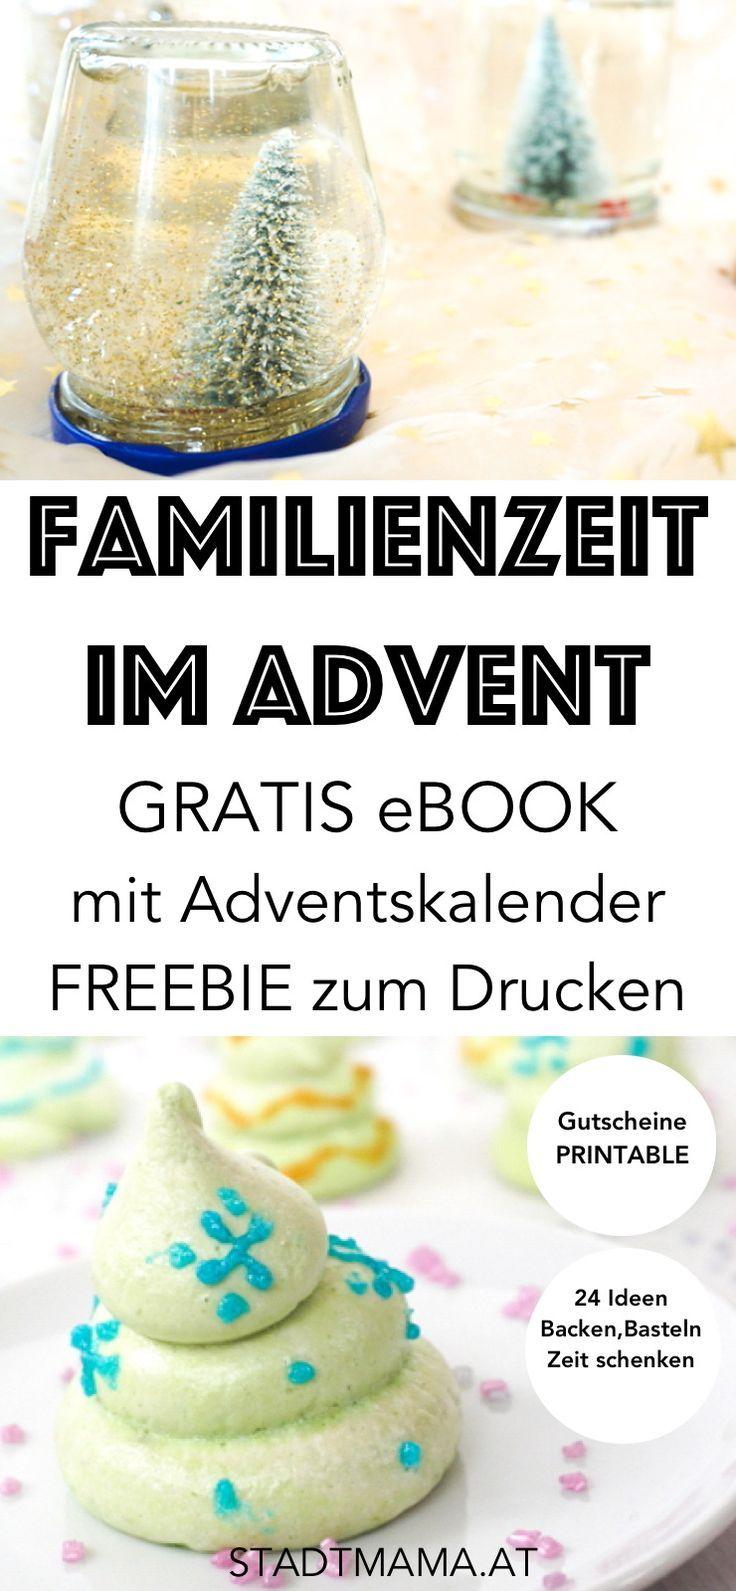 Bist du auf der Suche nach einem passenden Adventskalender? Wir haben etwas für dich: Familienzeit im Advent. Der Besinnliche und achtsame Adventskalender mit vielen Bastelanleitungen, Bastelideen und Rezepten für den Advents und für Weihnachten. (Achtsamkeit, Basteln mit Kindern, Bastelideen Advent, Gratis eBook, Freebook)